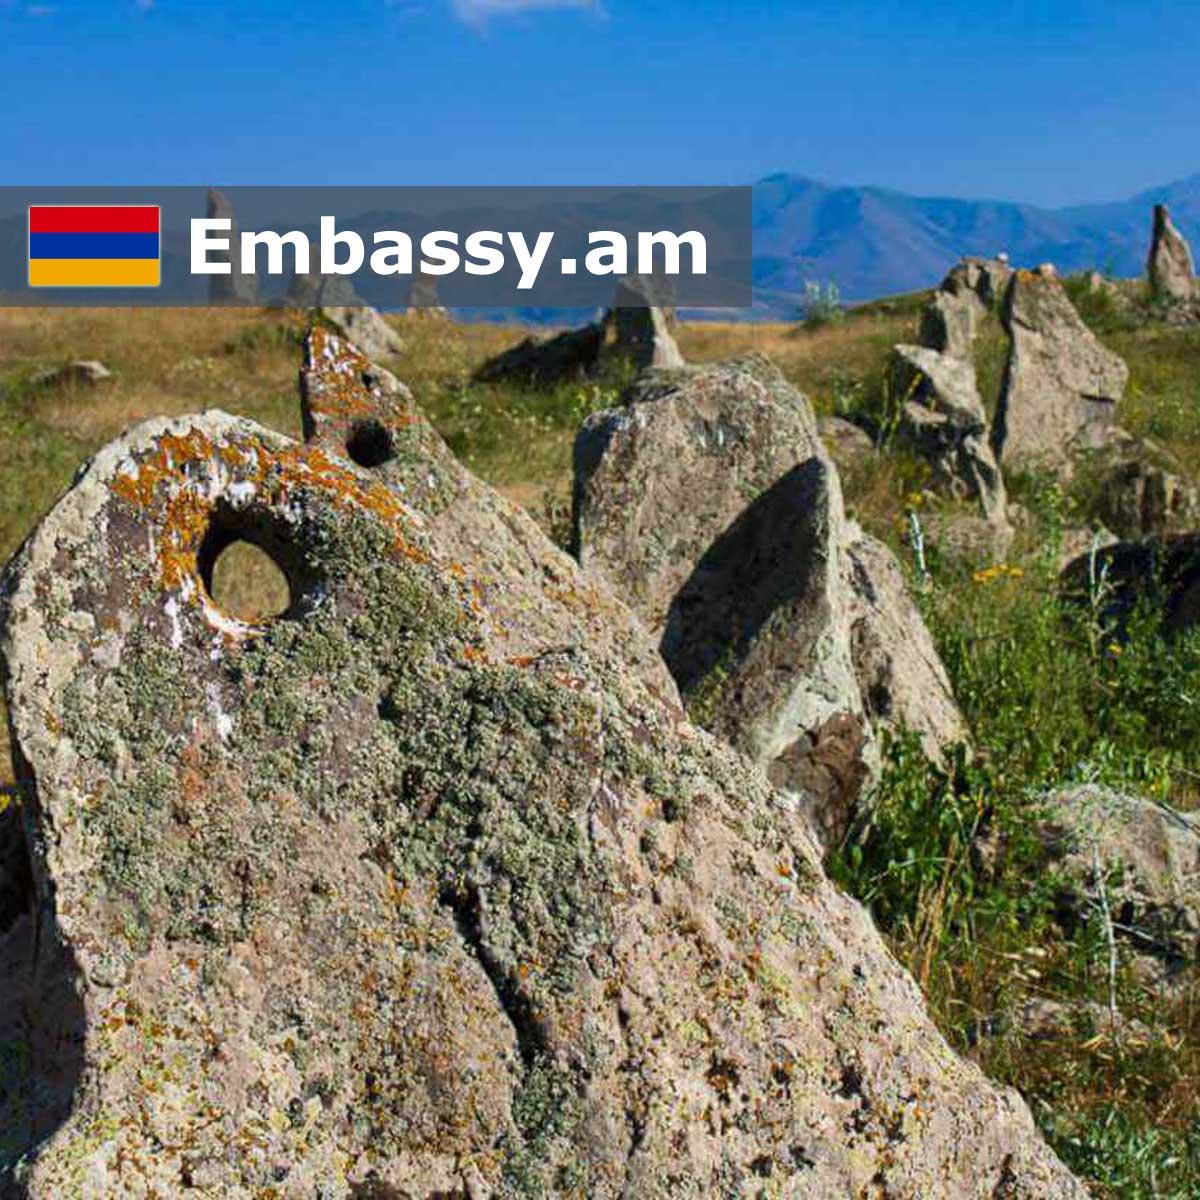 Сисиан - Отели в Армении - Embassy.am